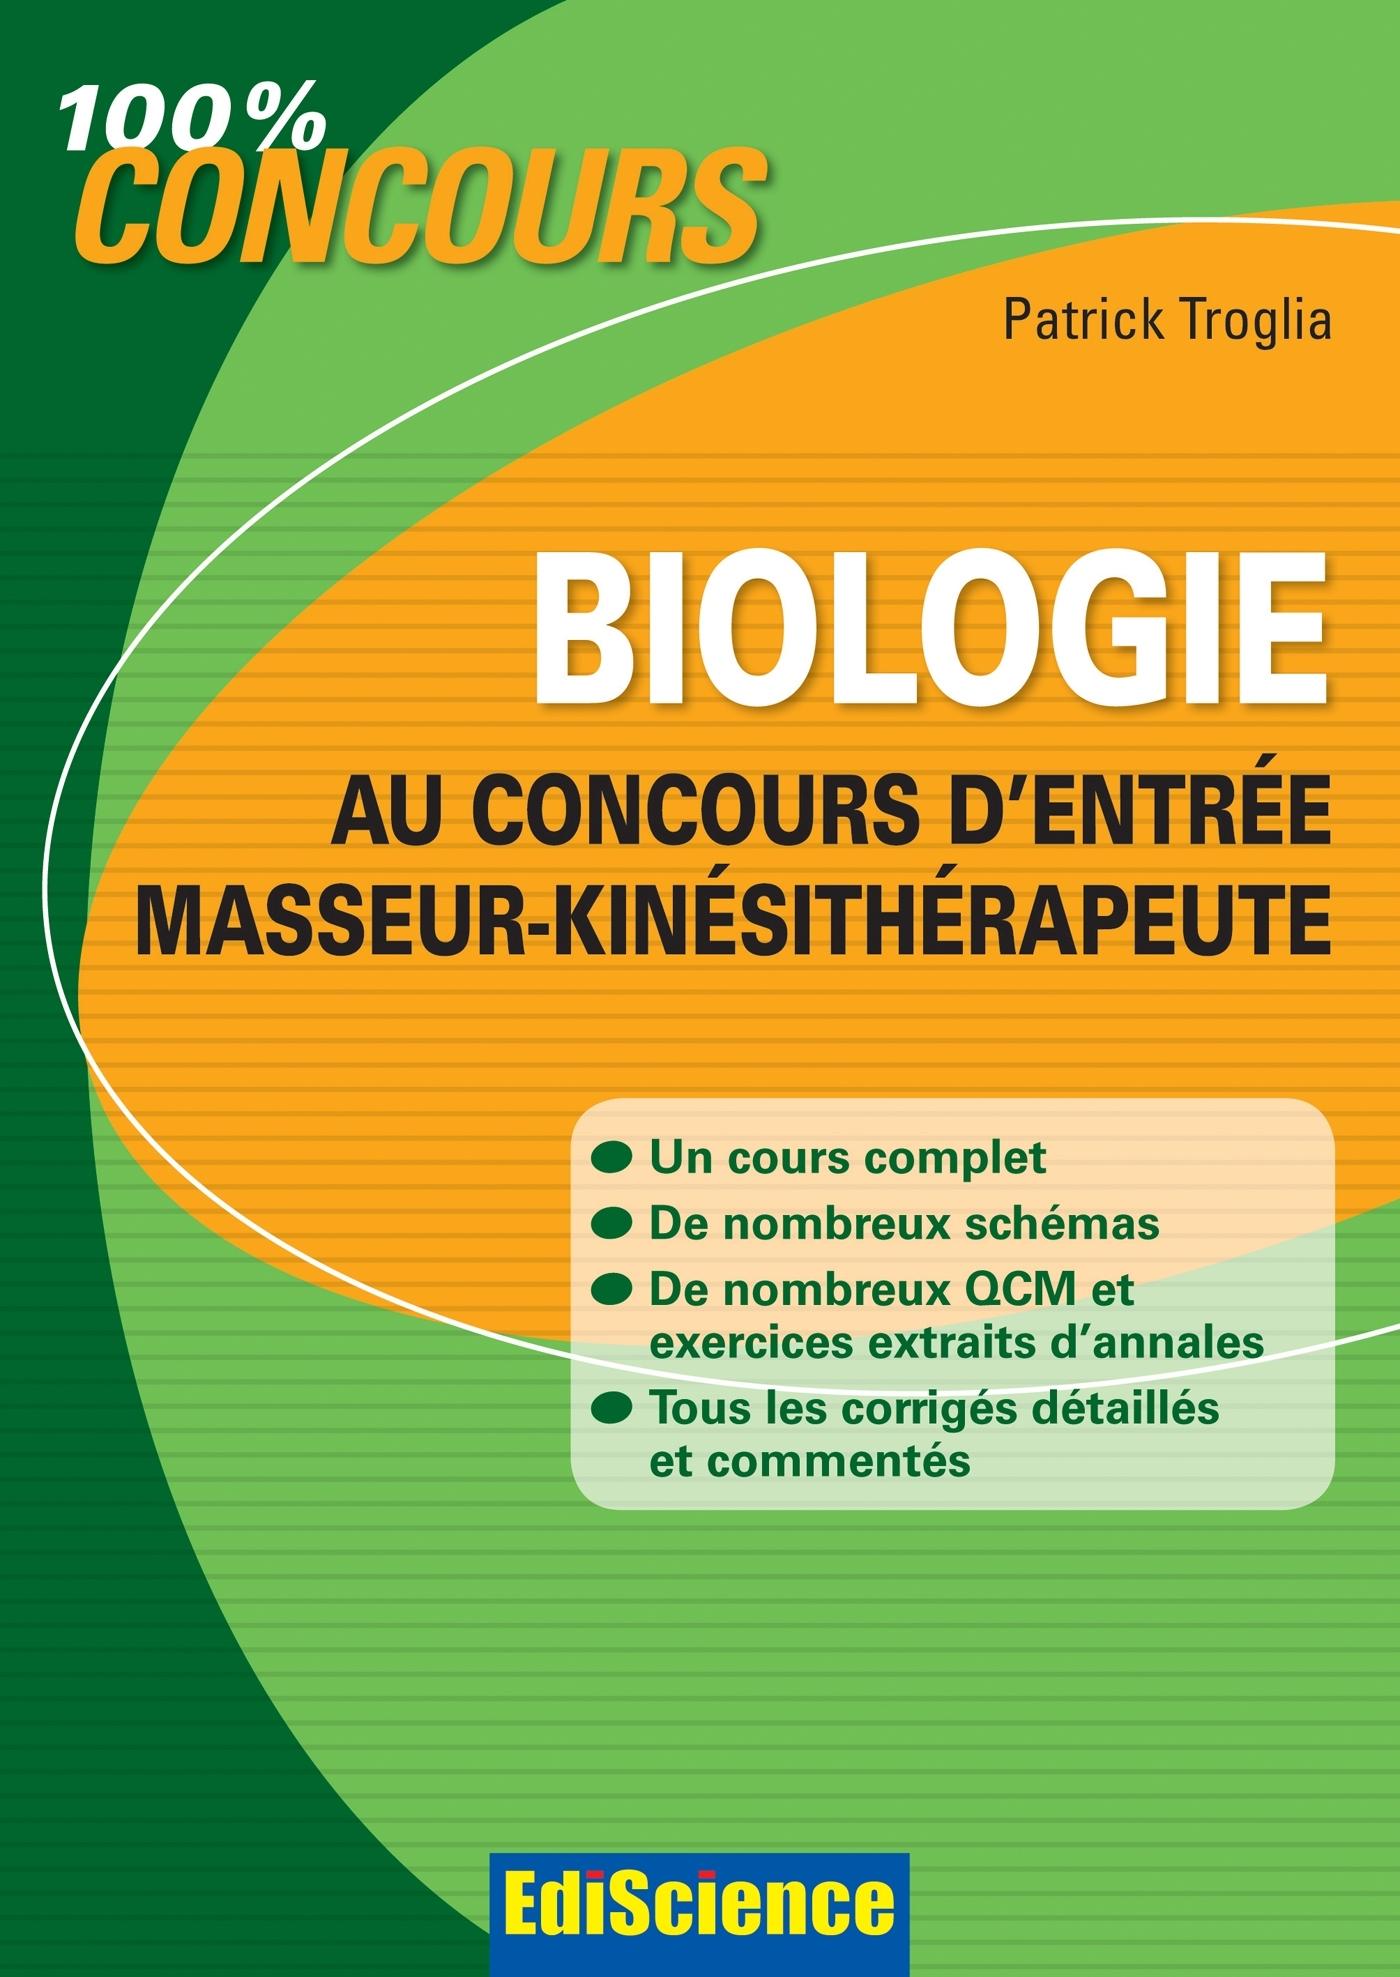 BIOLOGIE AU CONCOURS D'ENTREE MASSEUR-KINESITHERAPEUTE - PSYCHOMOTRICIEN - T1